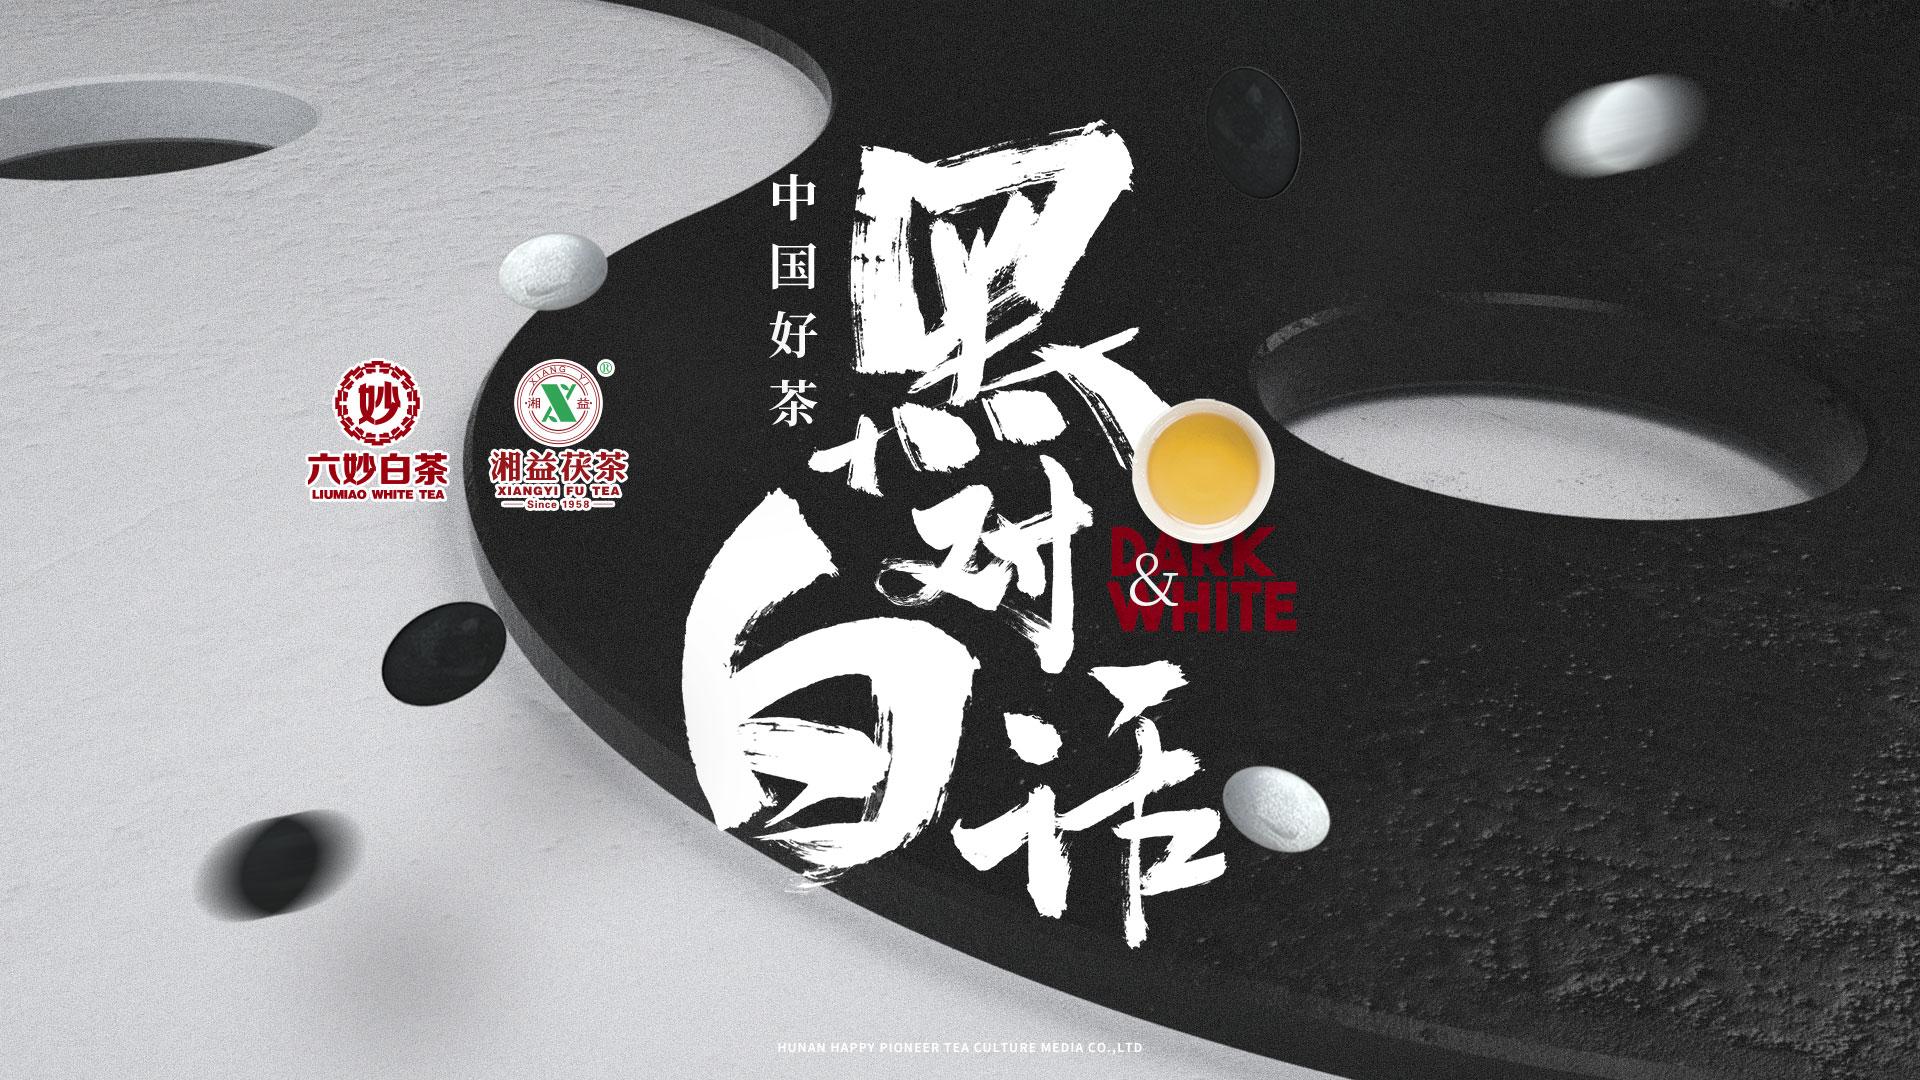 """掀起你的盖头来——""""中国好茶·黑白对话""""特制纪念茶全面解读"""